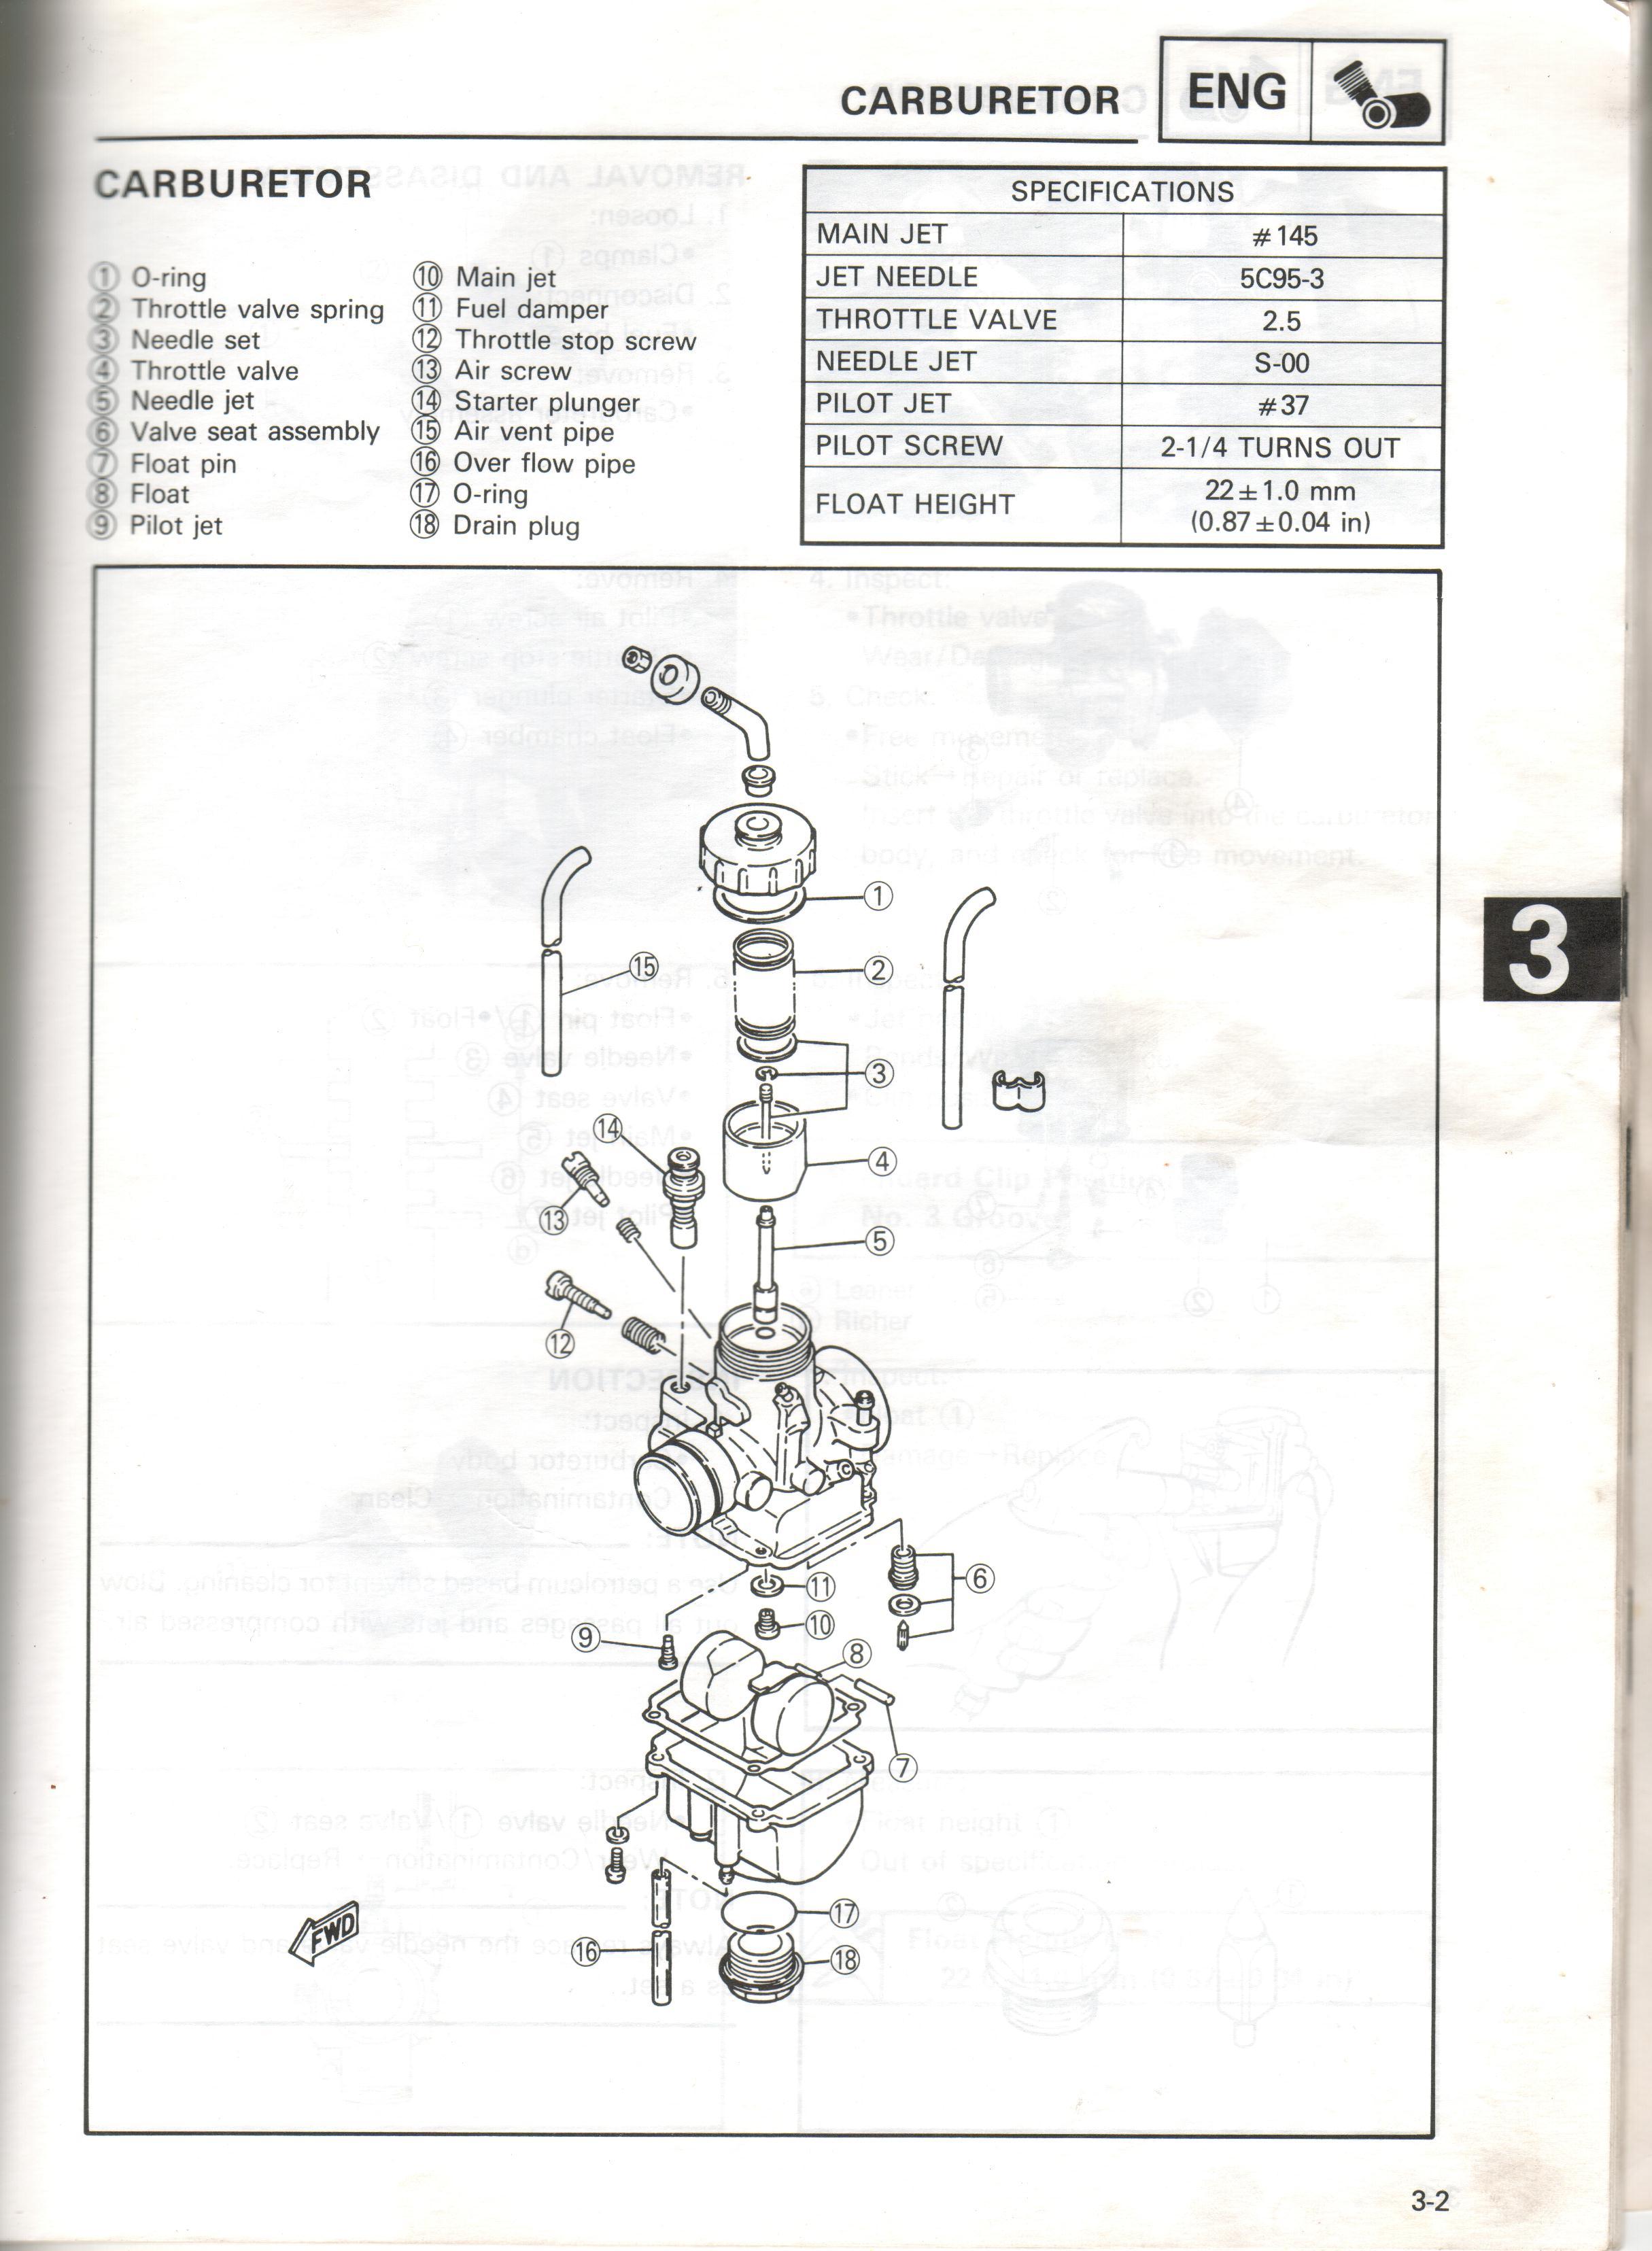 yamaha moto 4 350 also diagram of yamaha moto 4 225 carburetor besides